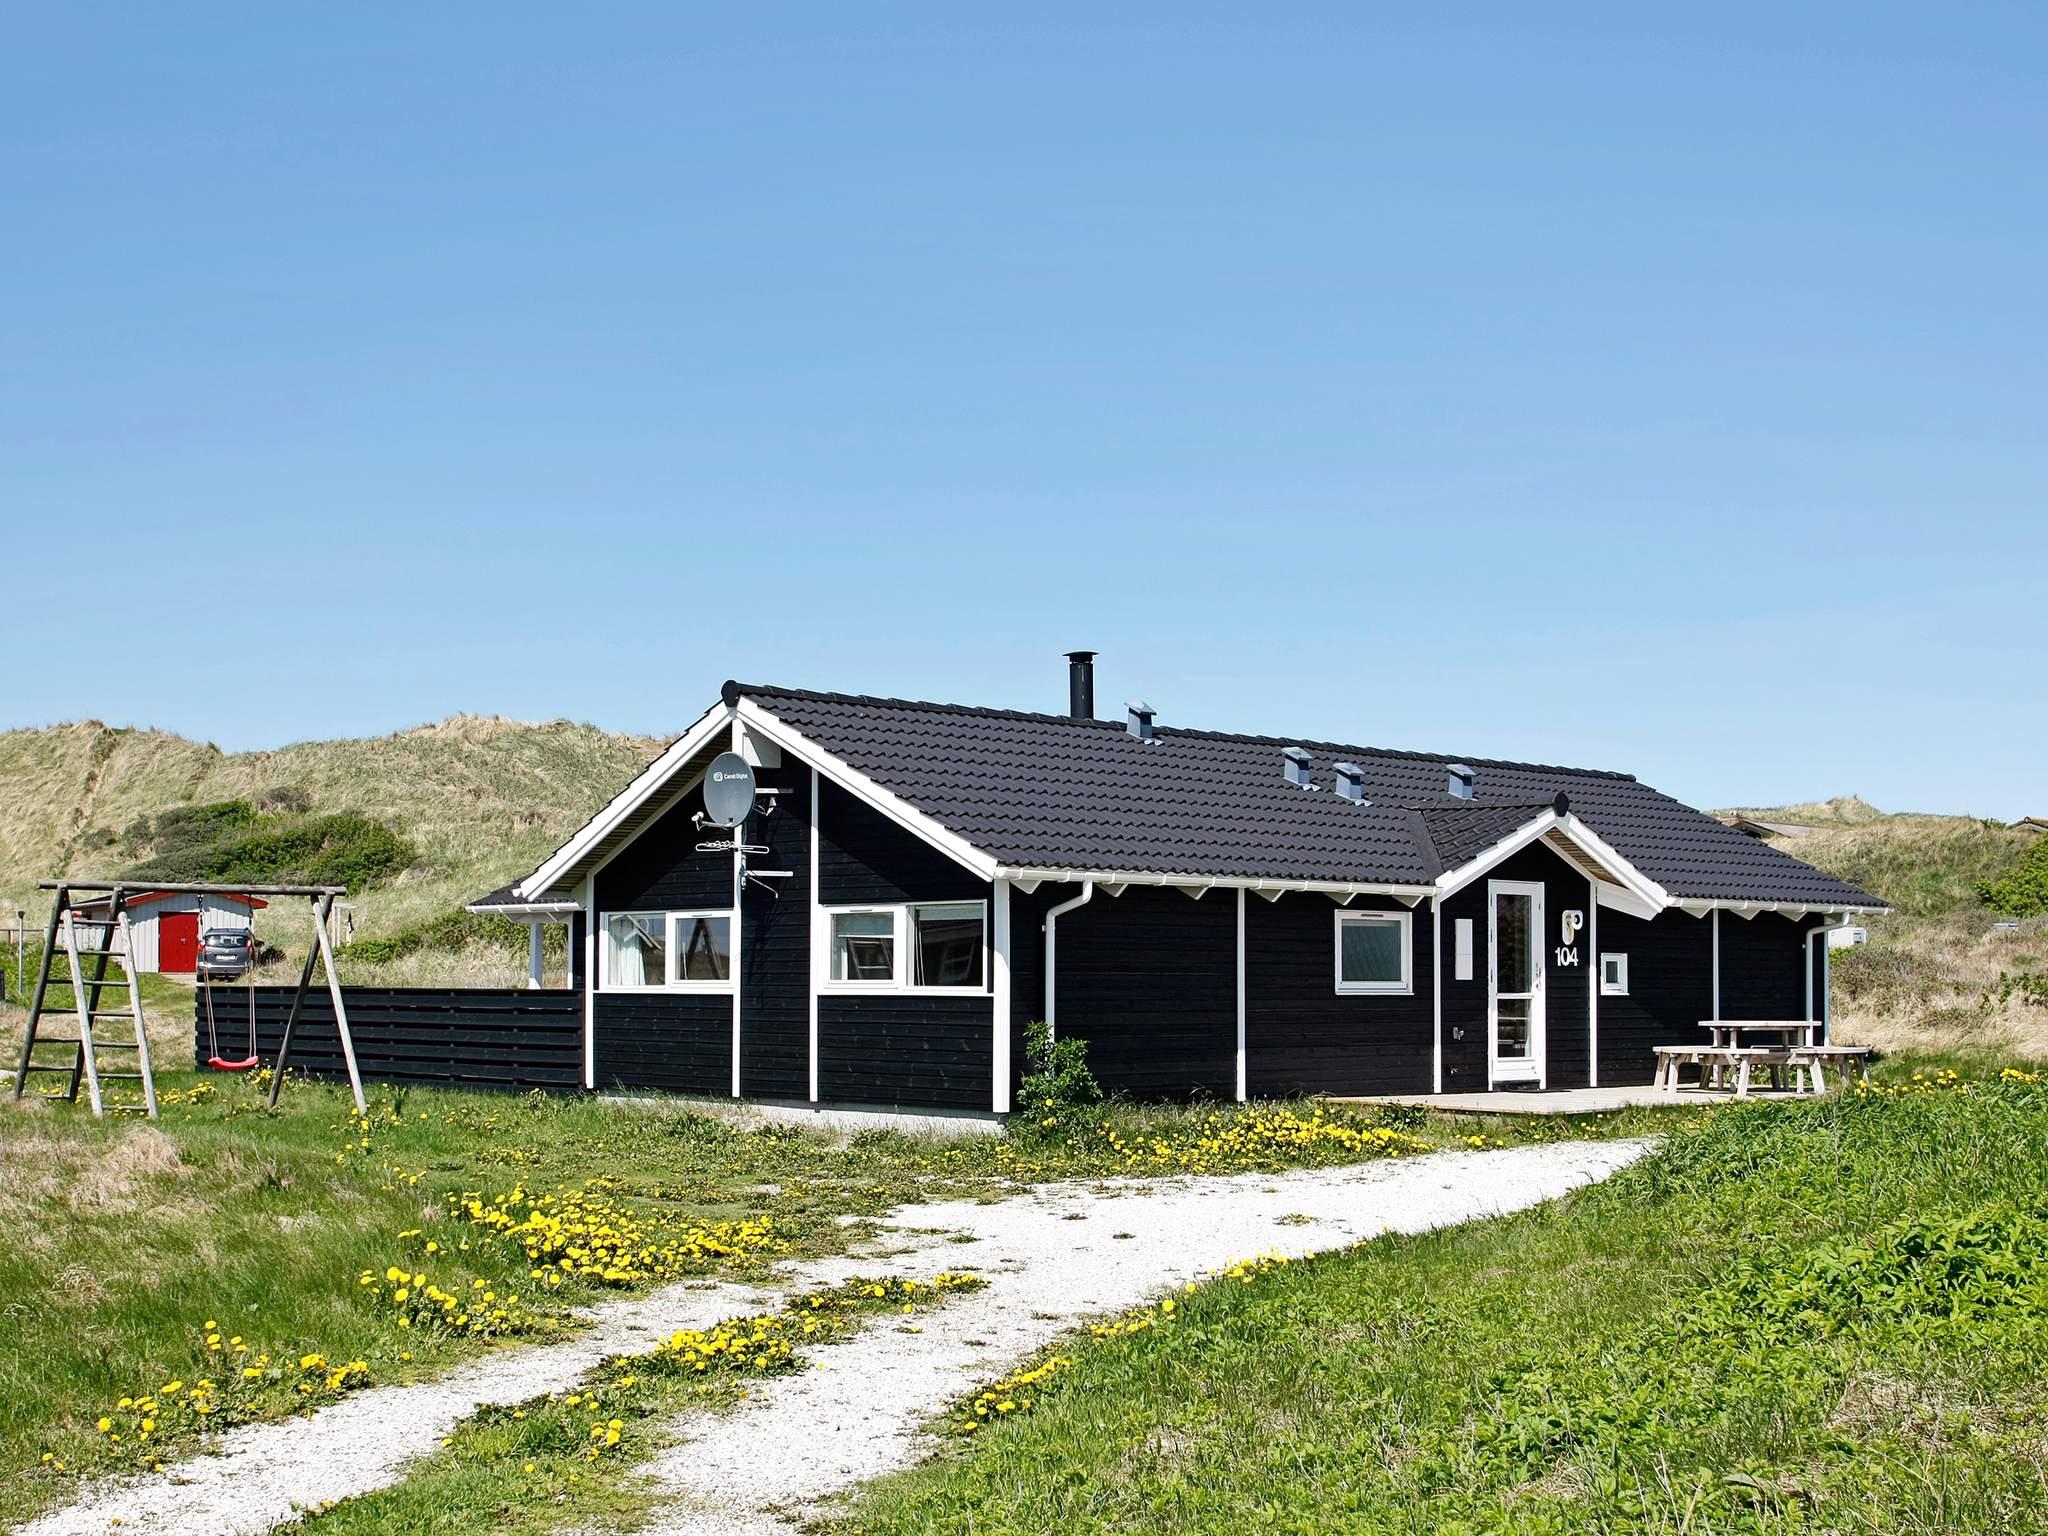 Ferienhaus Løkken (84530), Løkken, , Nordwestjütland, Dänemark, Bild 1